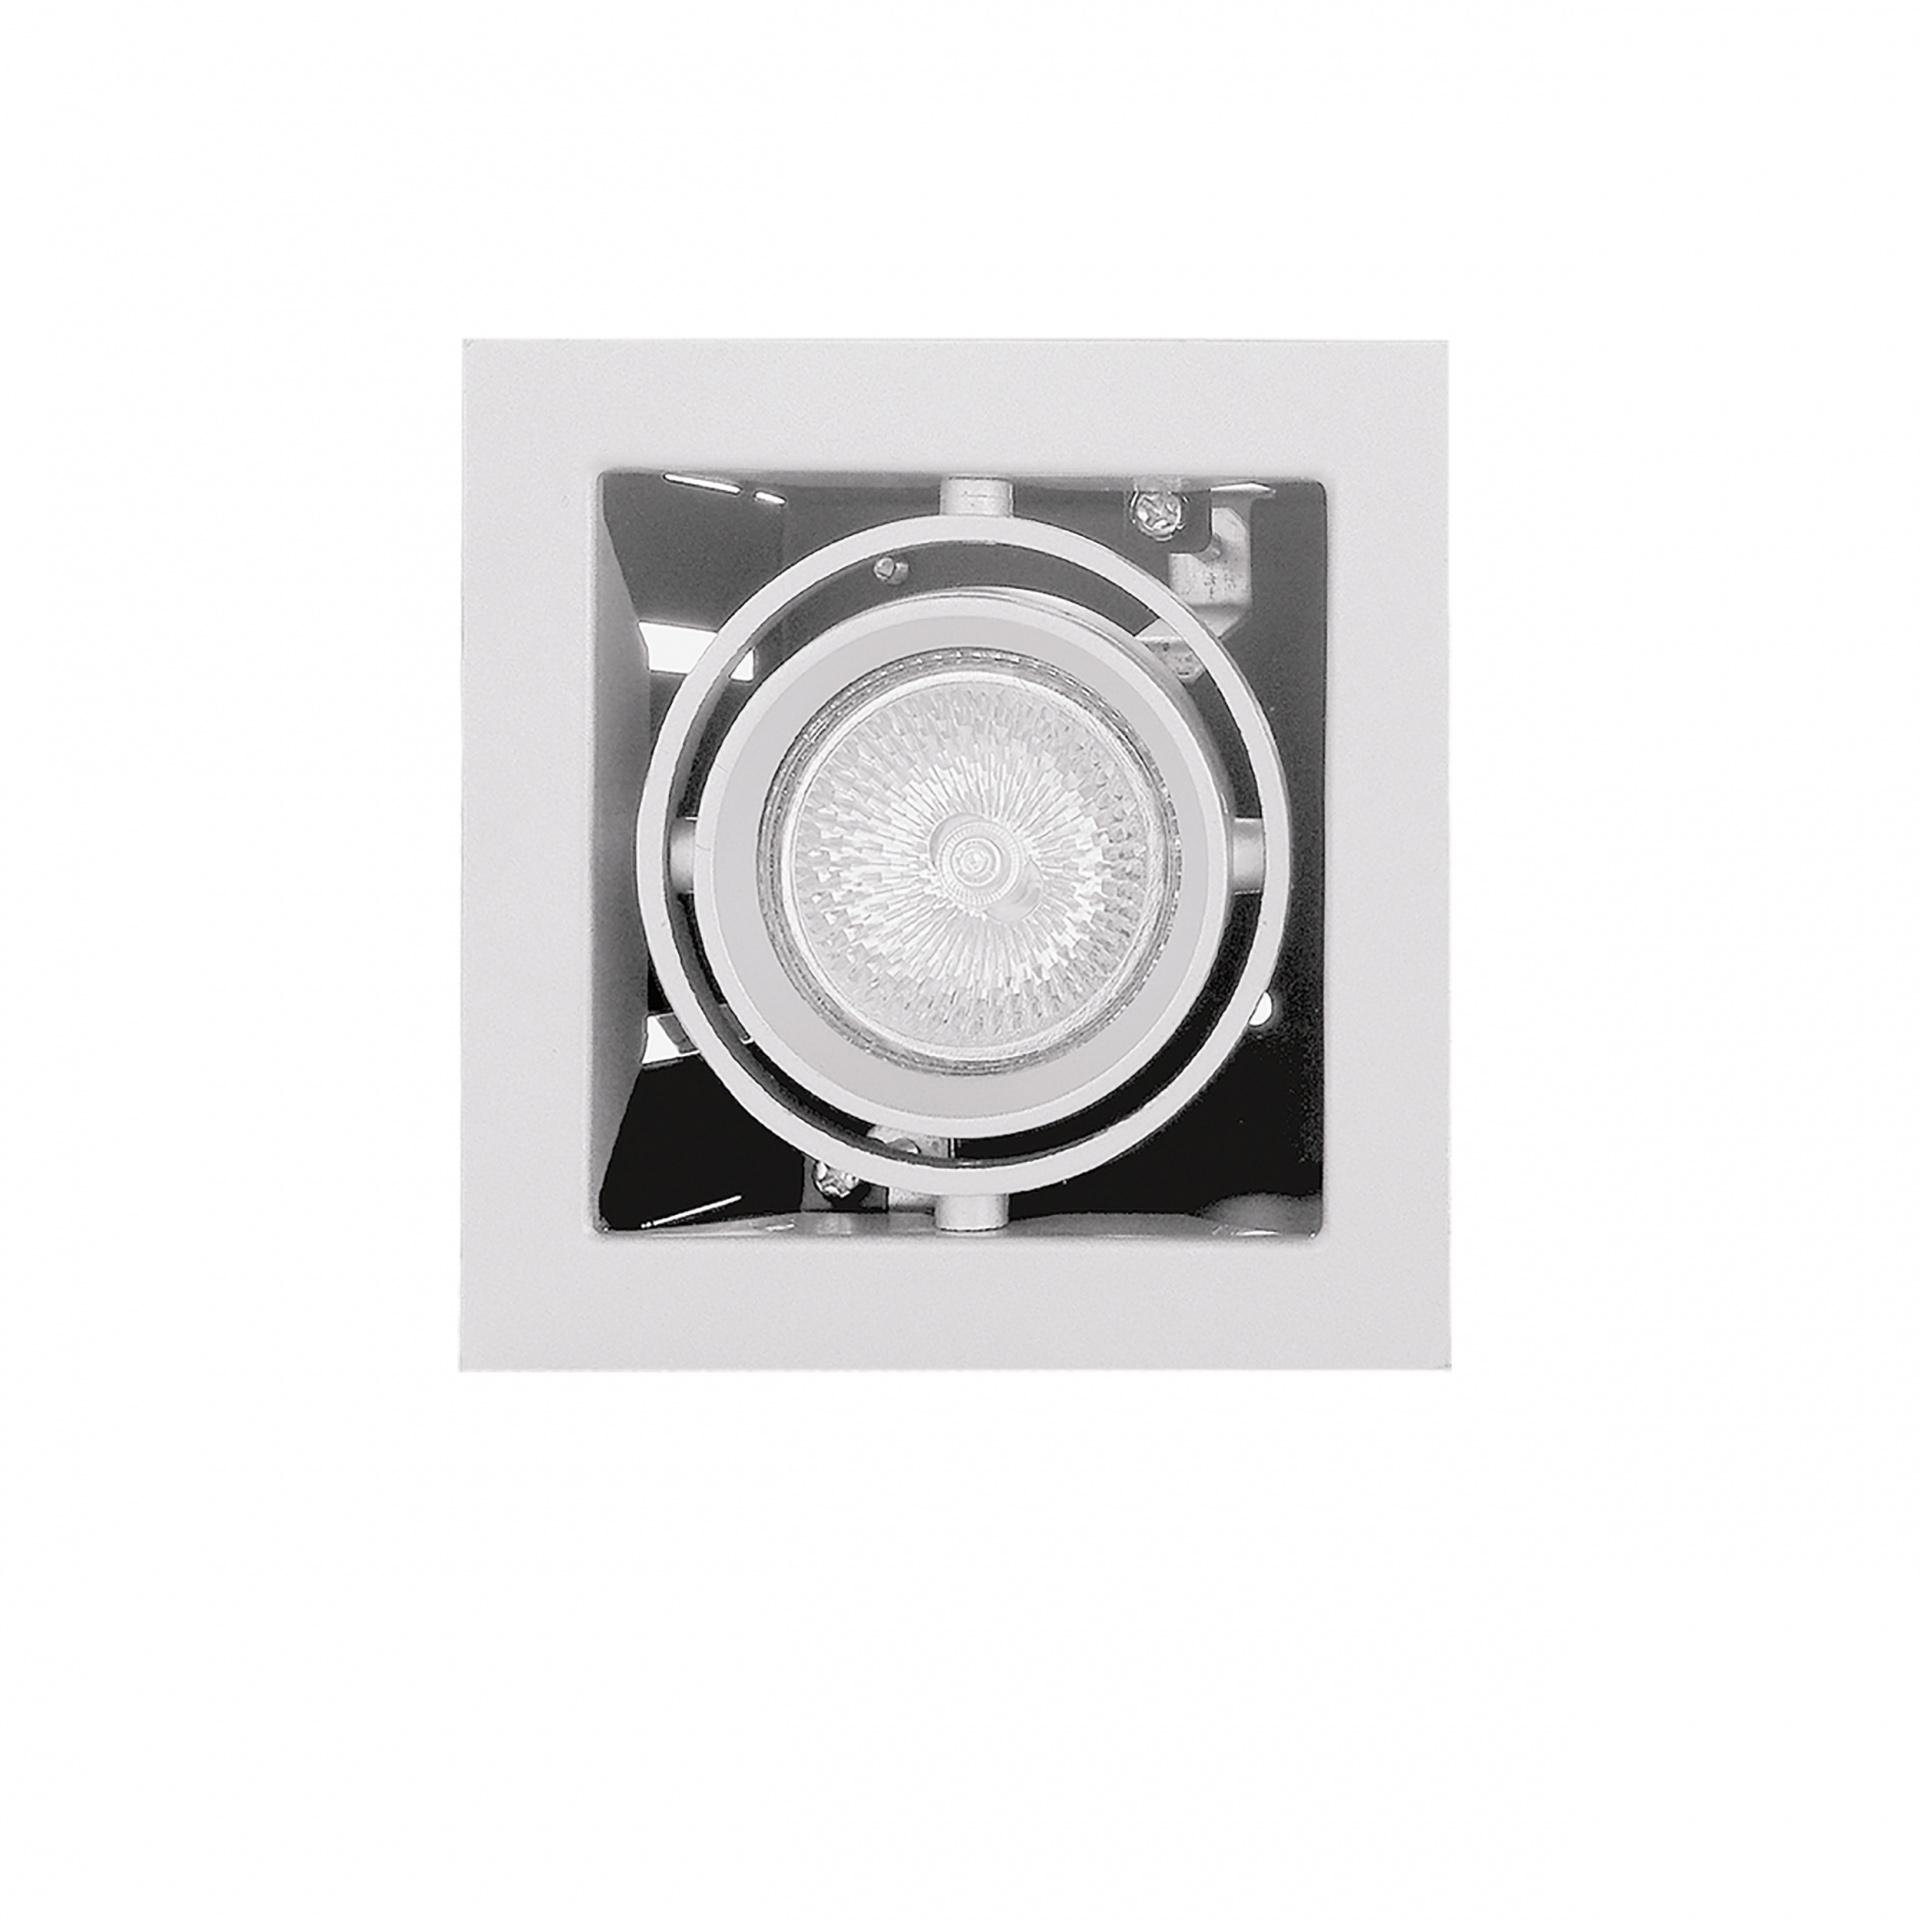 Светильник Cardano 16Х1 MR16 / HP16 белый Lightstar 214010, купить в СПб, Москве, с доставкой, Санкт-Петербург, интернет-магазин люстр и светильников Starlight, фото в жизни